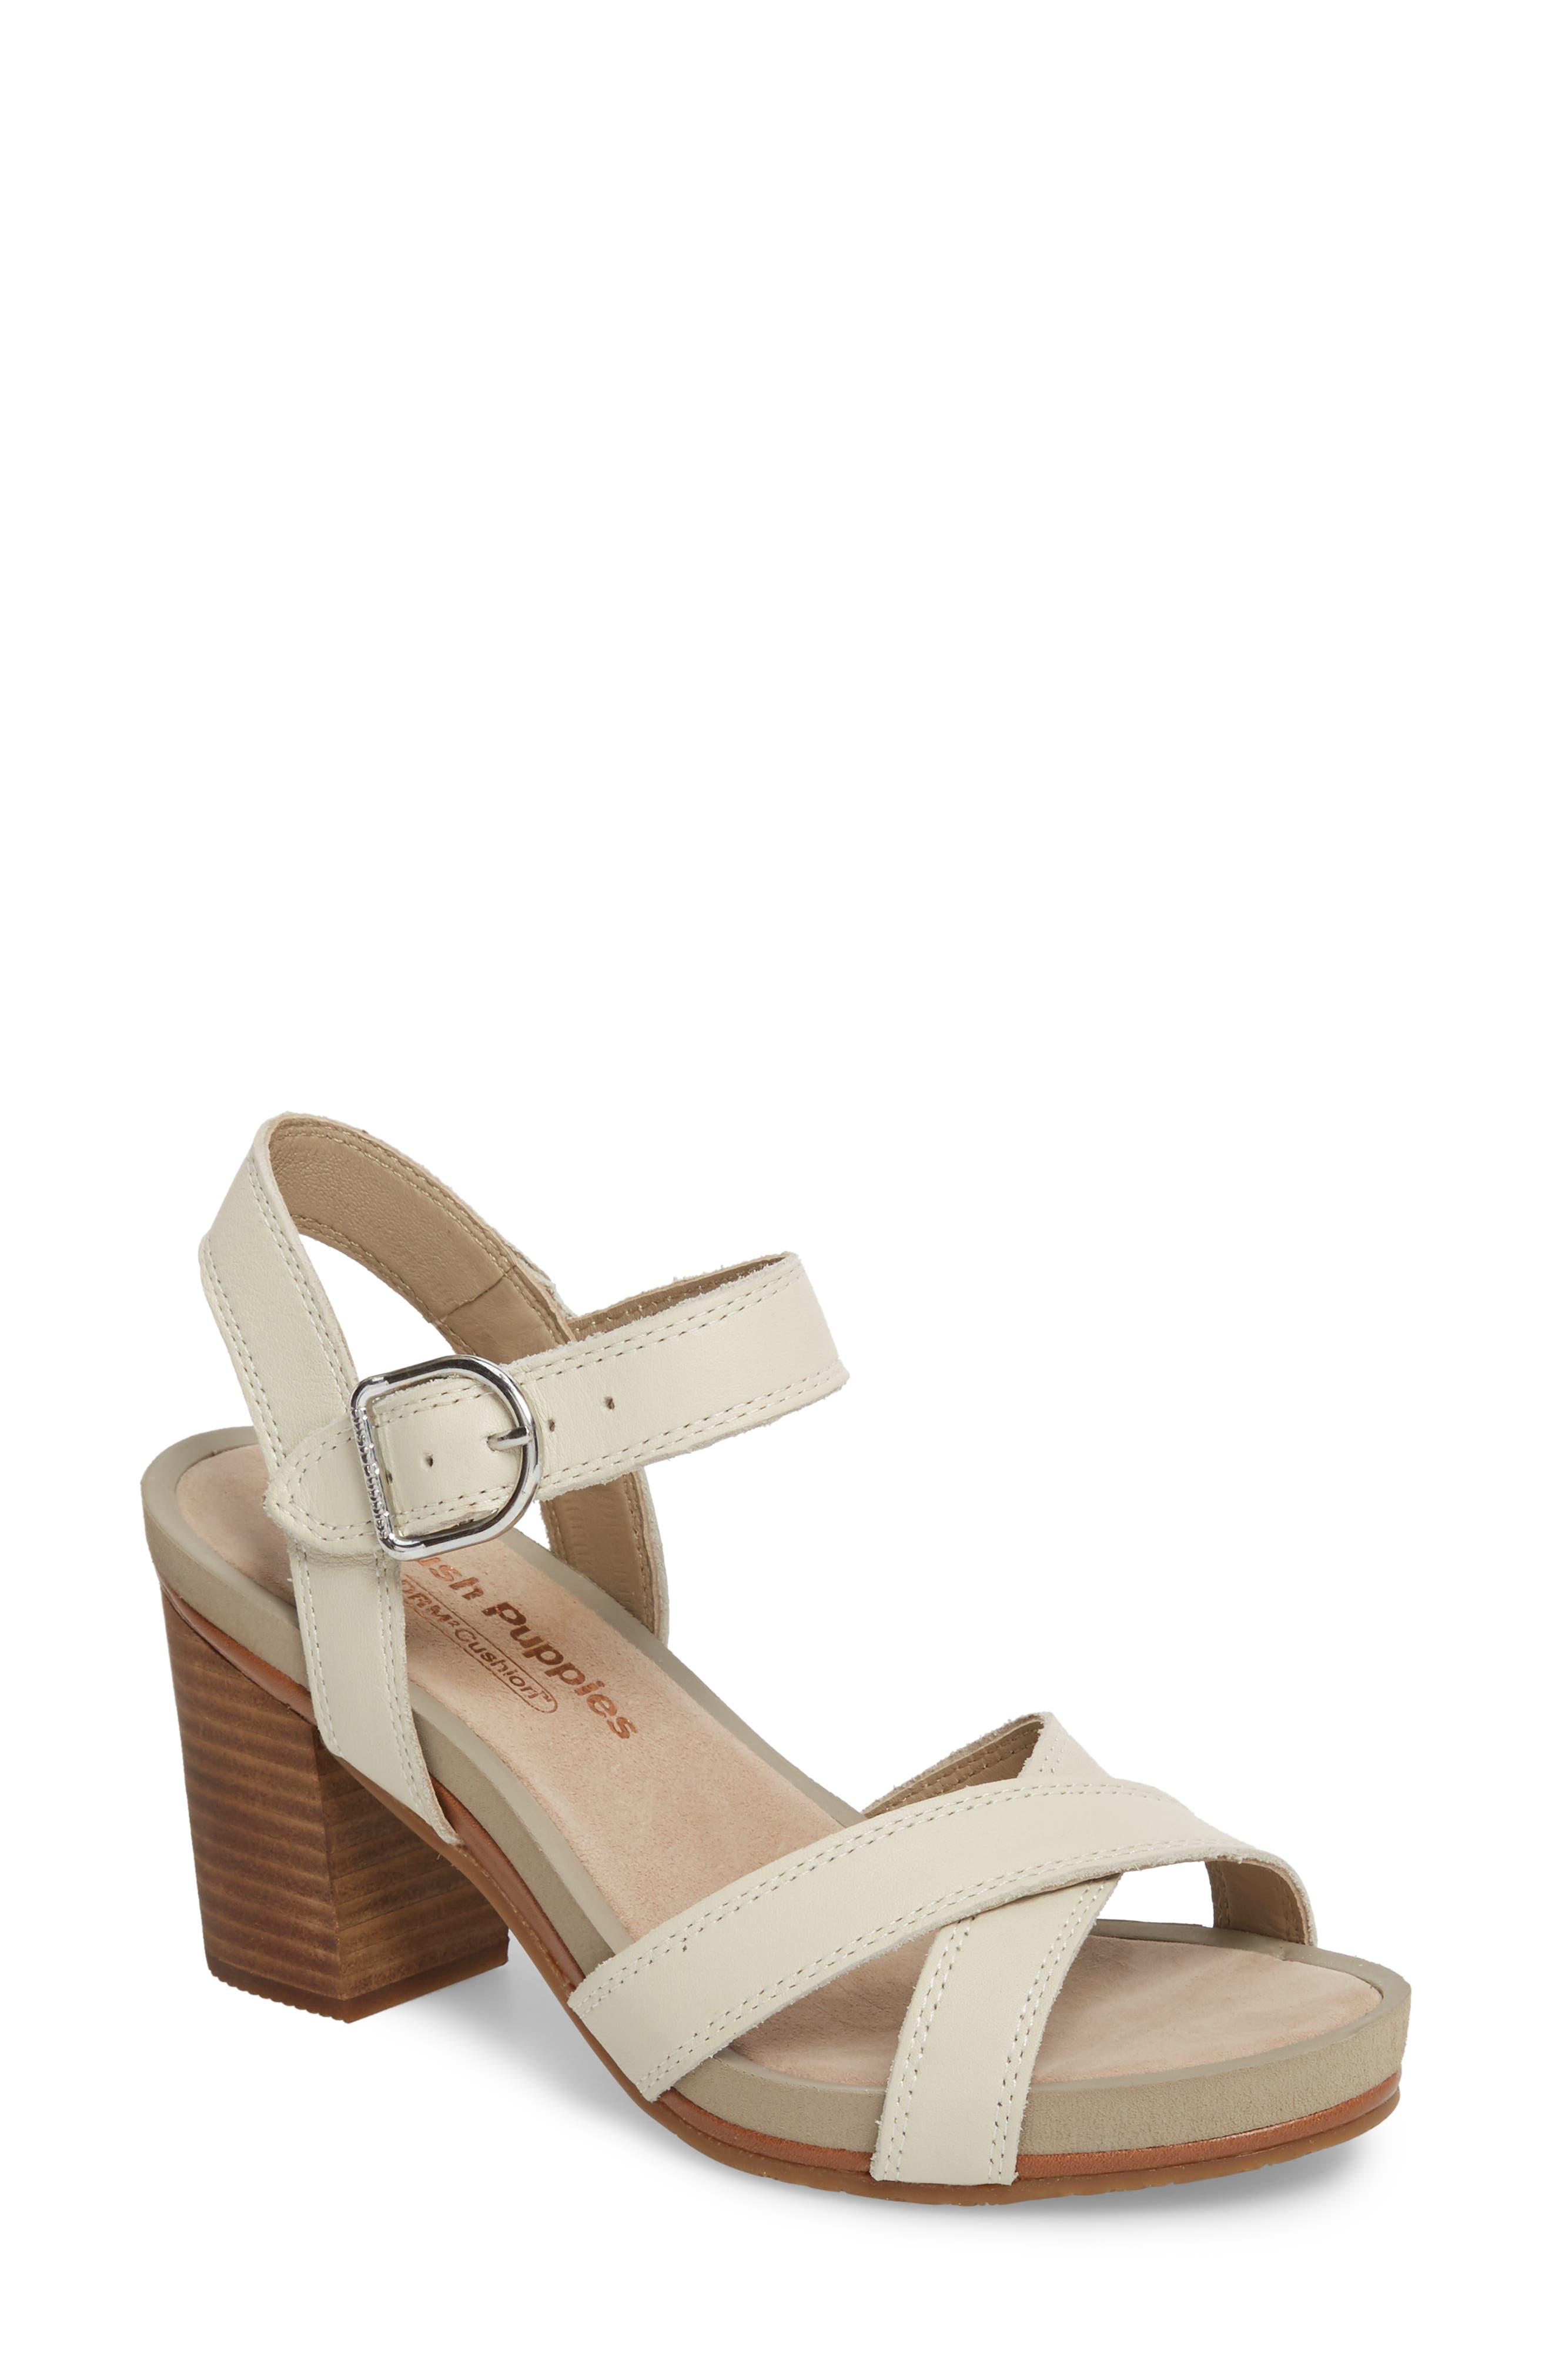 Mariska Block Heel Sandal,                             Main thumbnail 2, color,